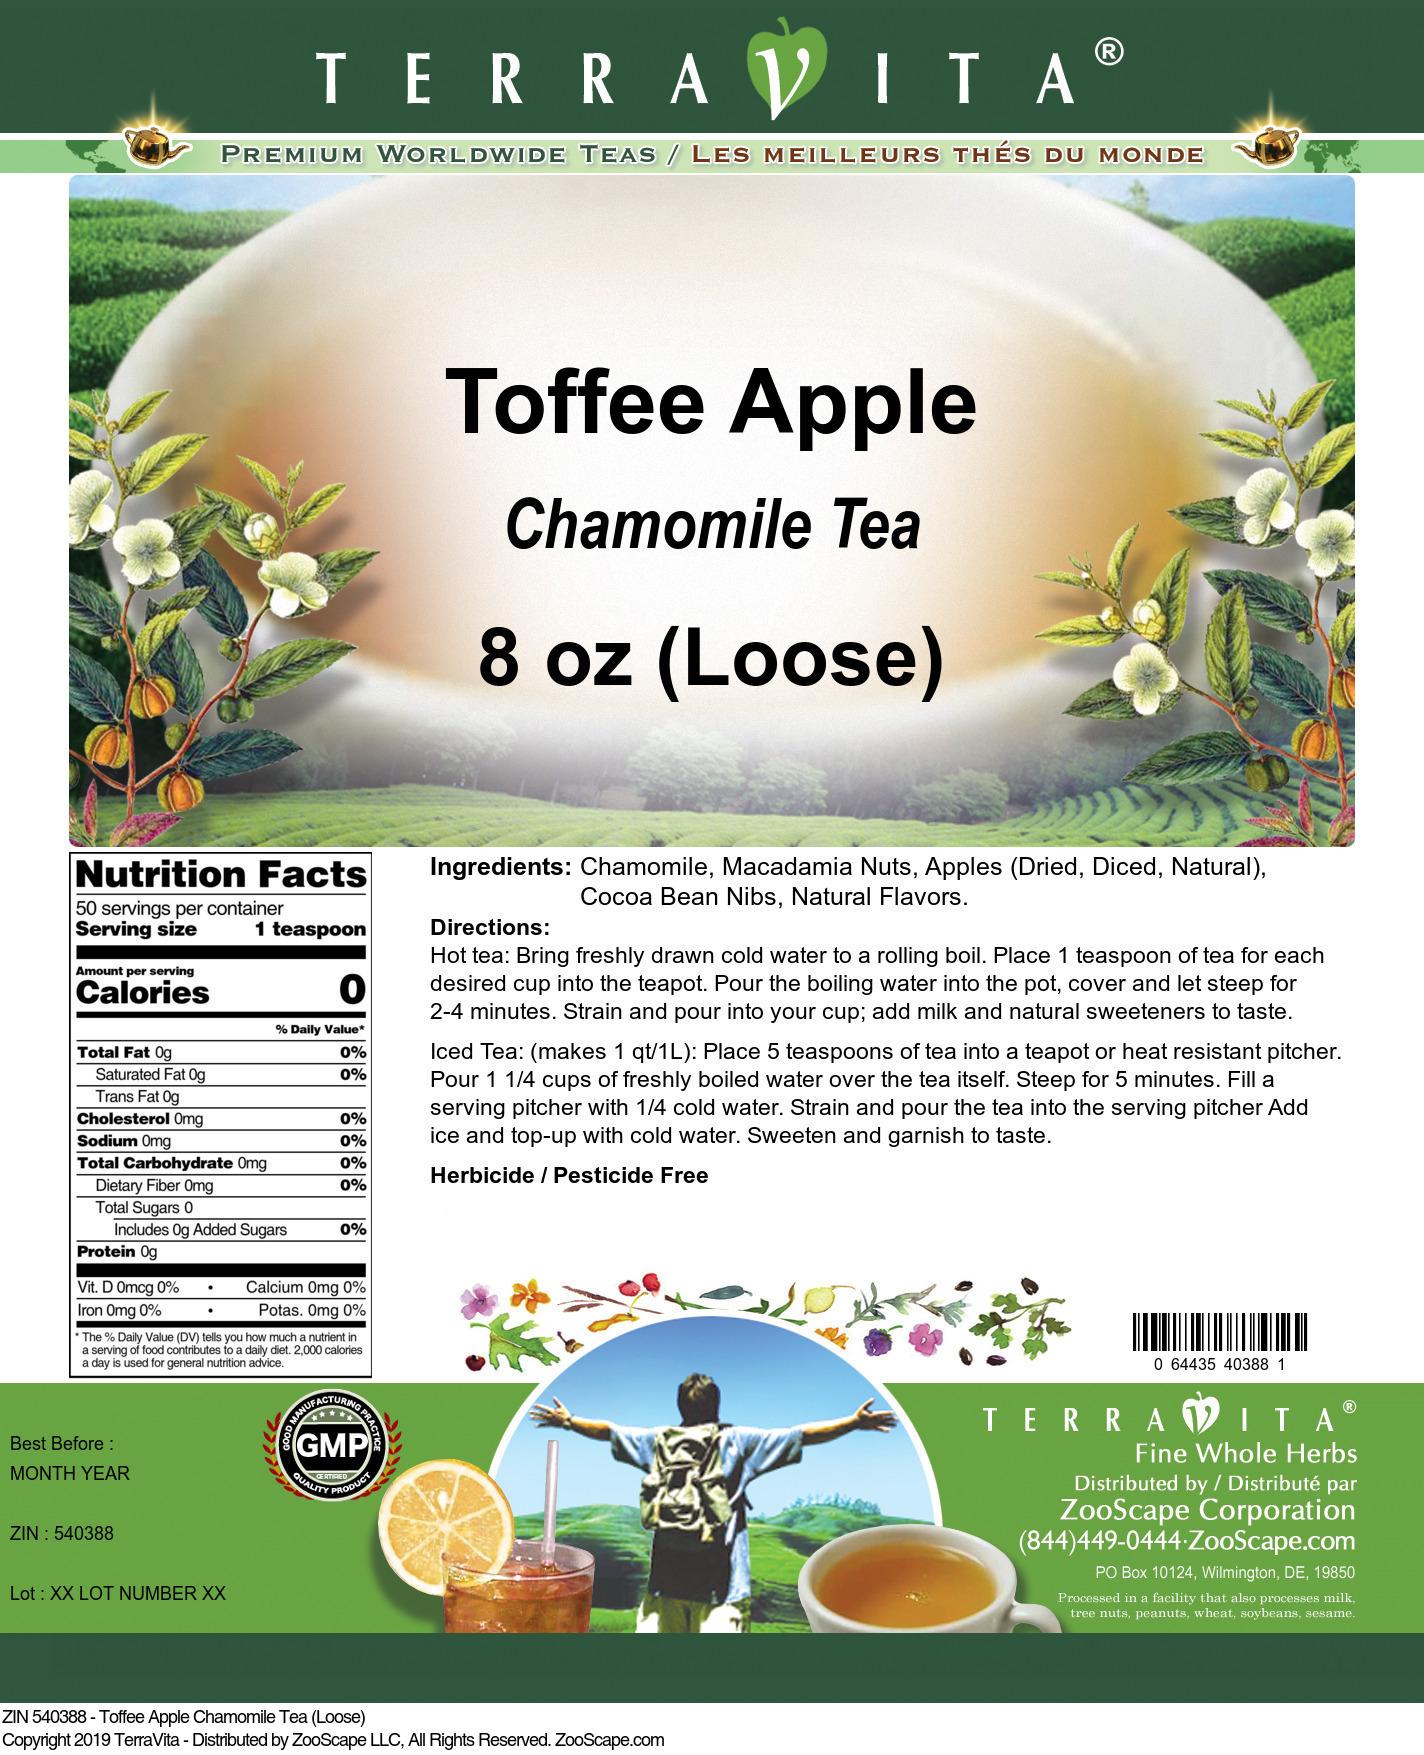 Toffee Apple Chamomile Tea (Loose)